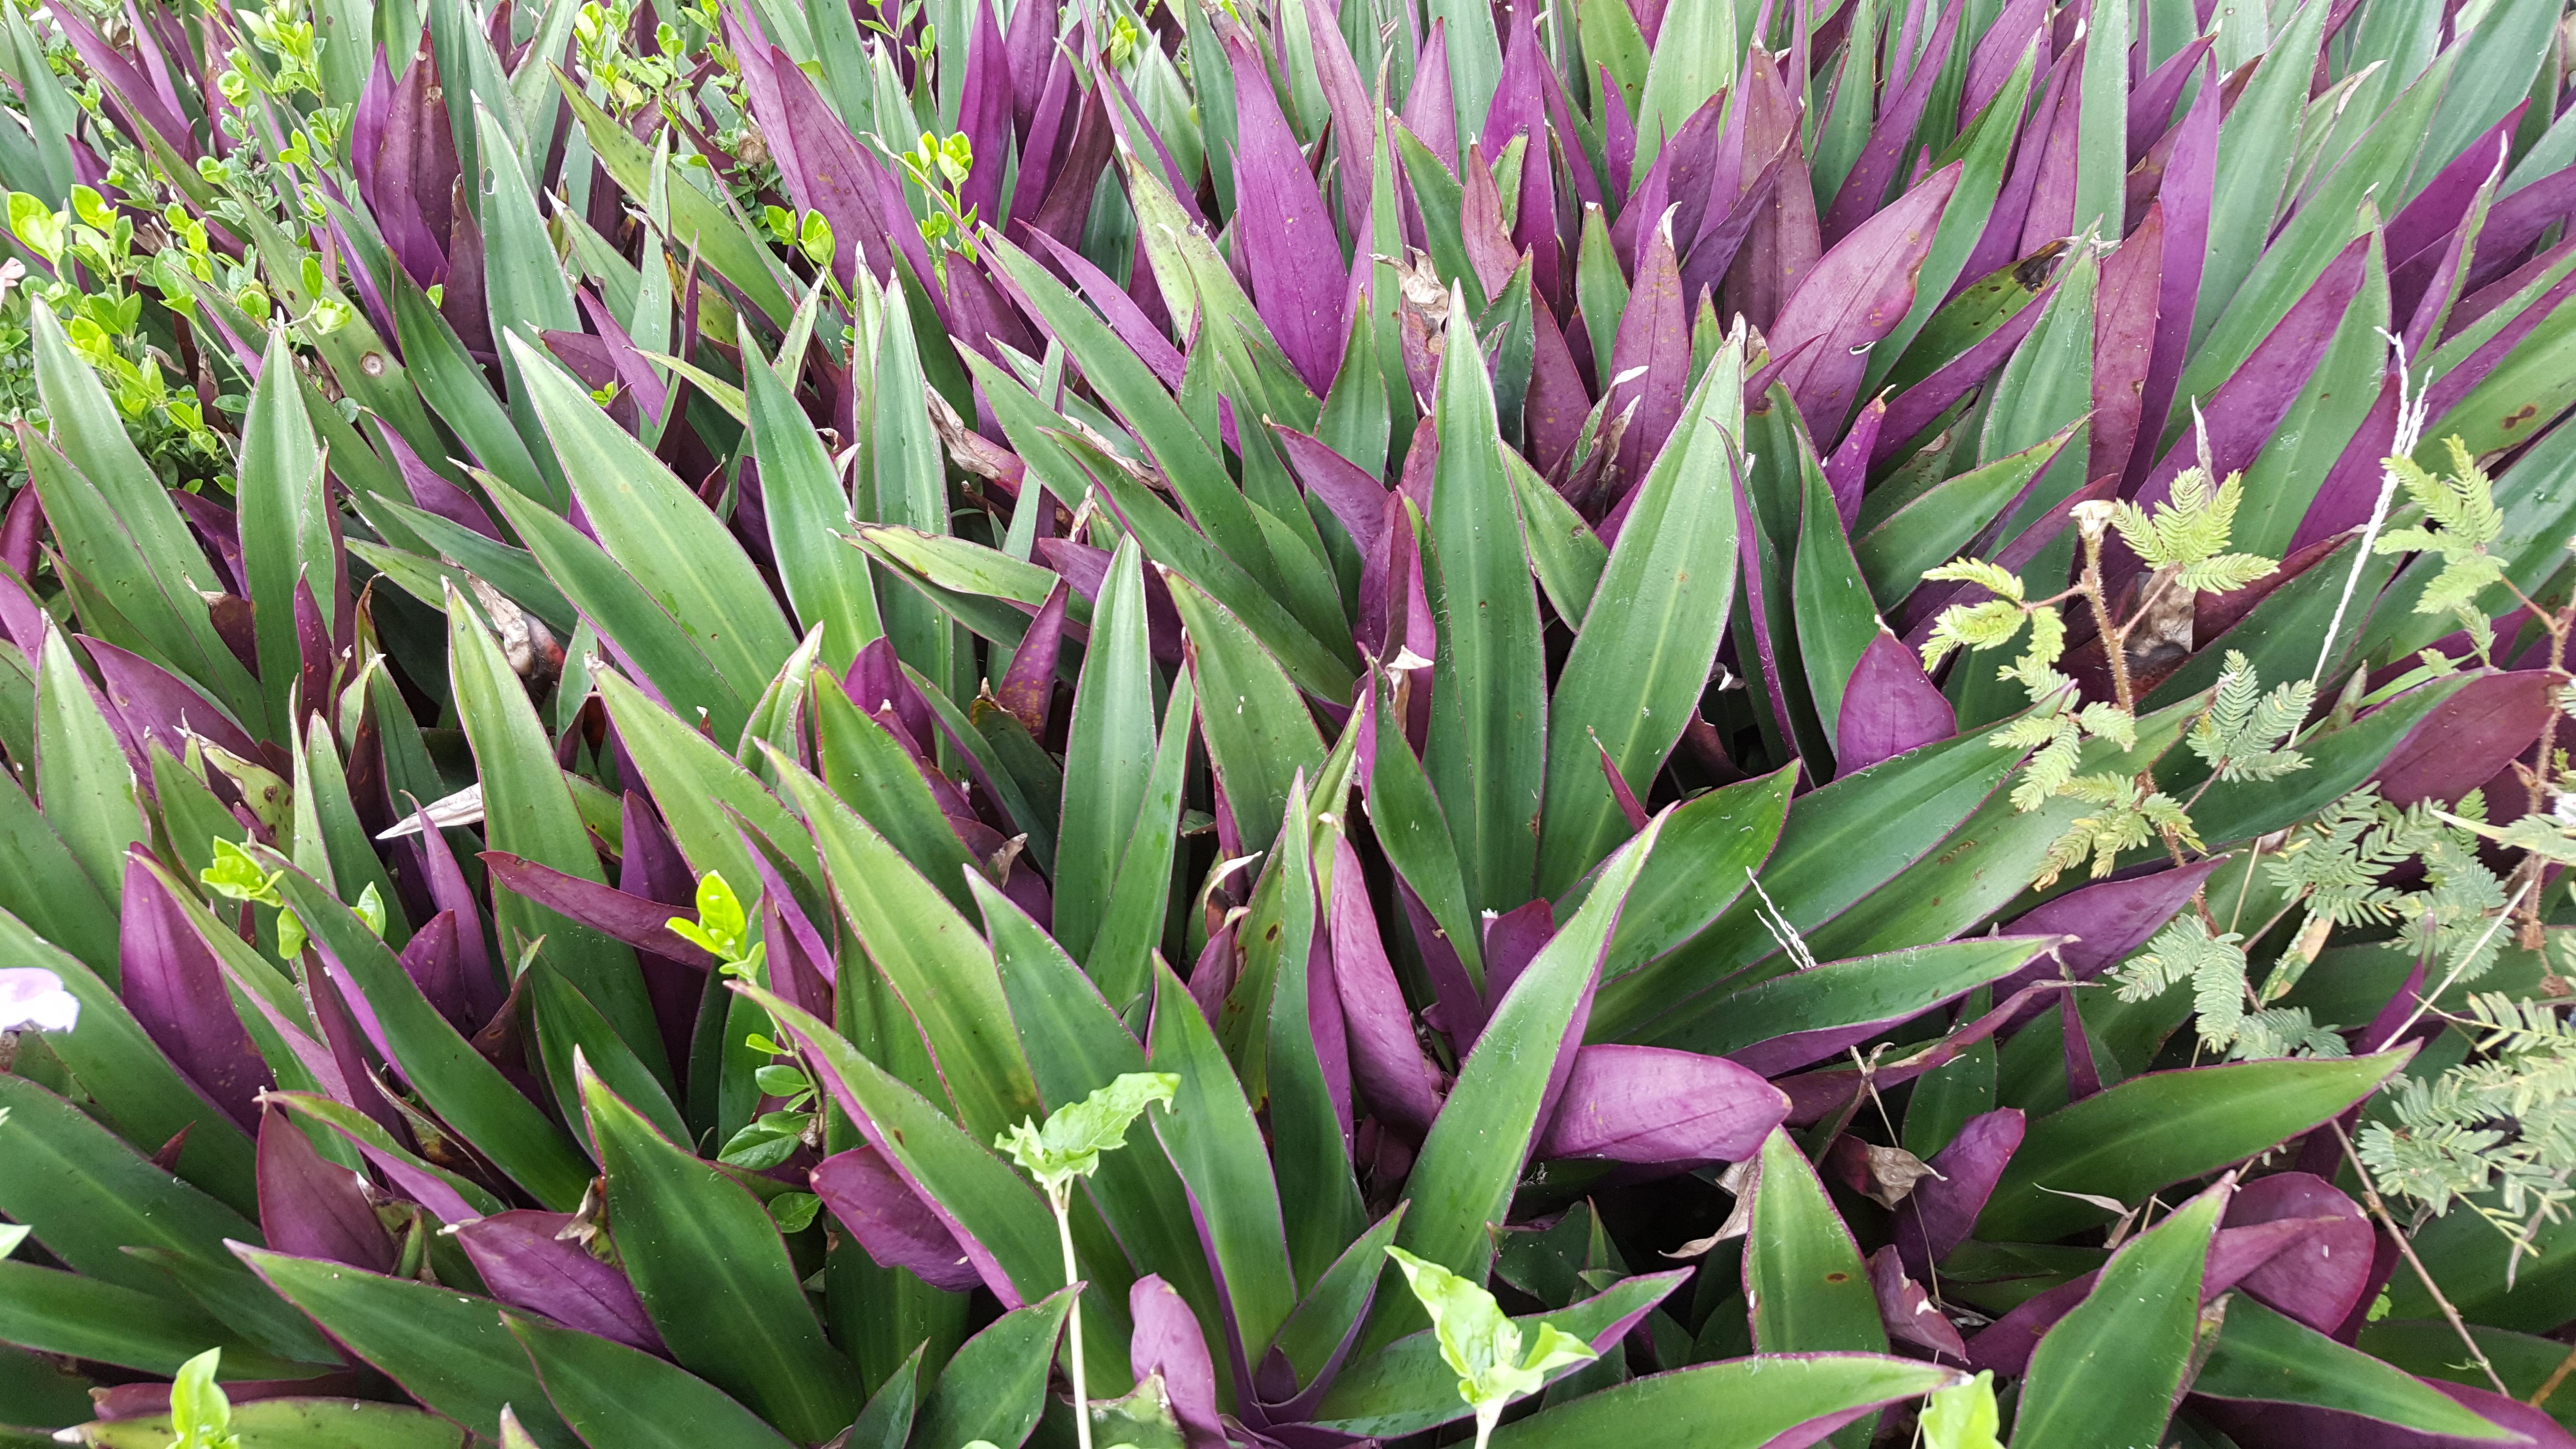 Purple and green foliage in Hawaii